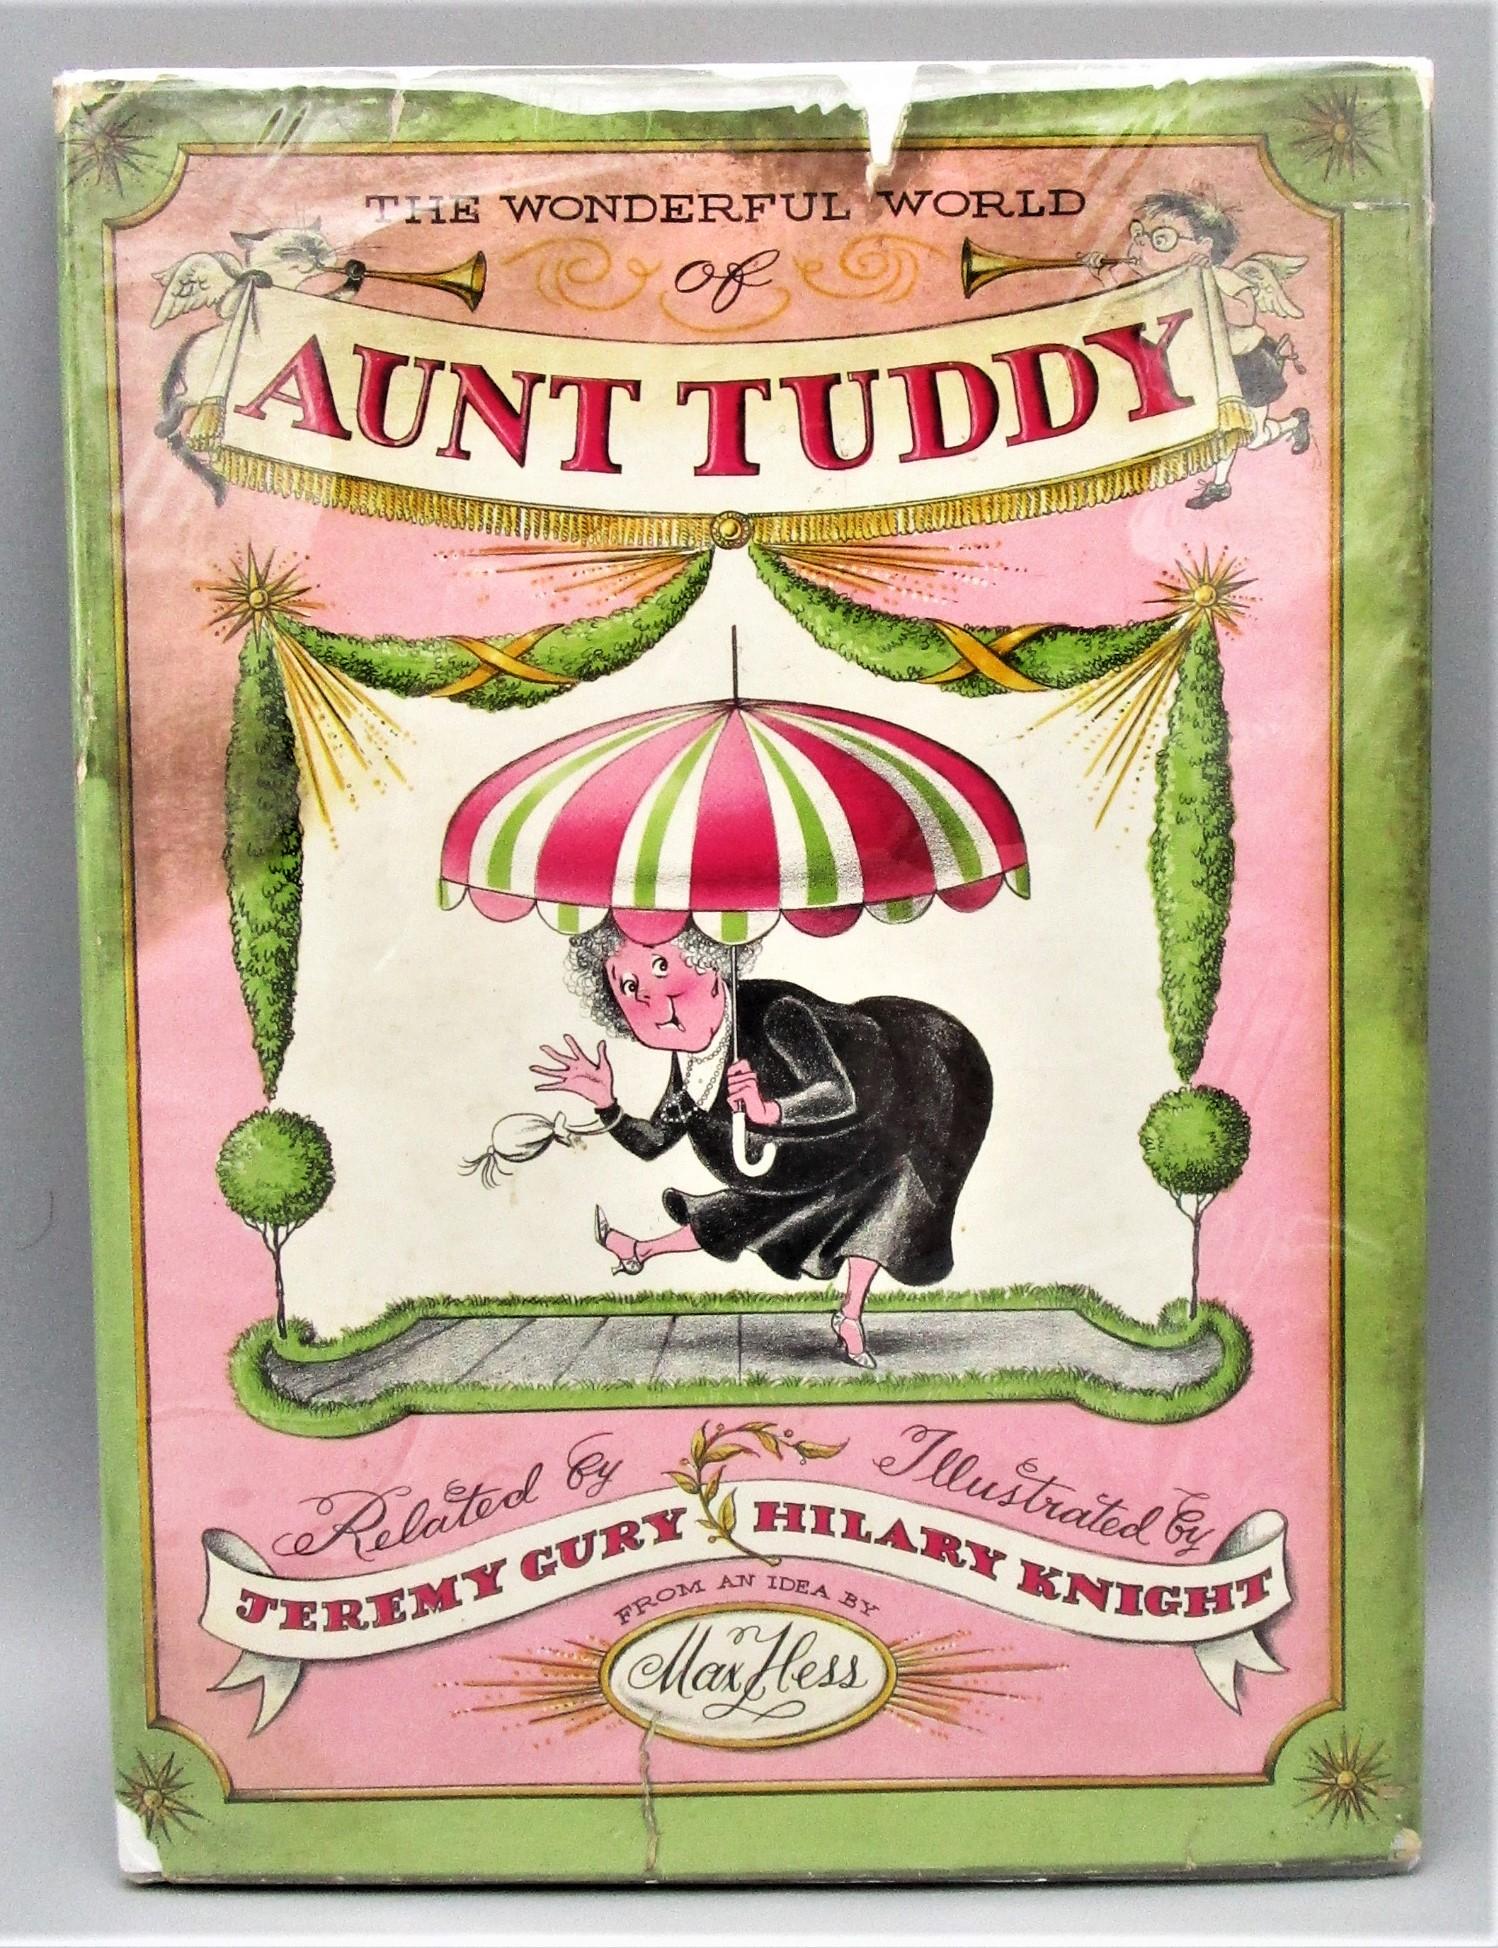 WONDERFUL WORLD OF AUNT TUDDY, by J.Gury & H.Knight - 1958 [Signed 1st Ed]